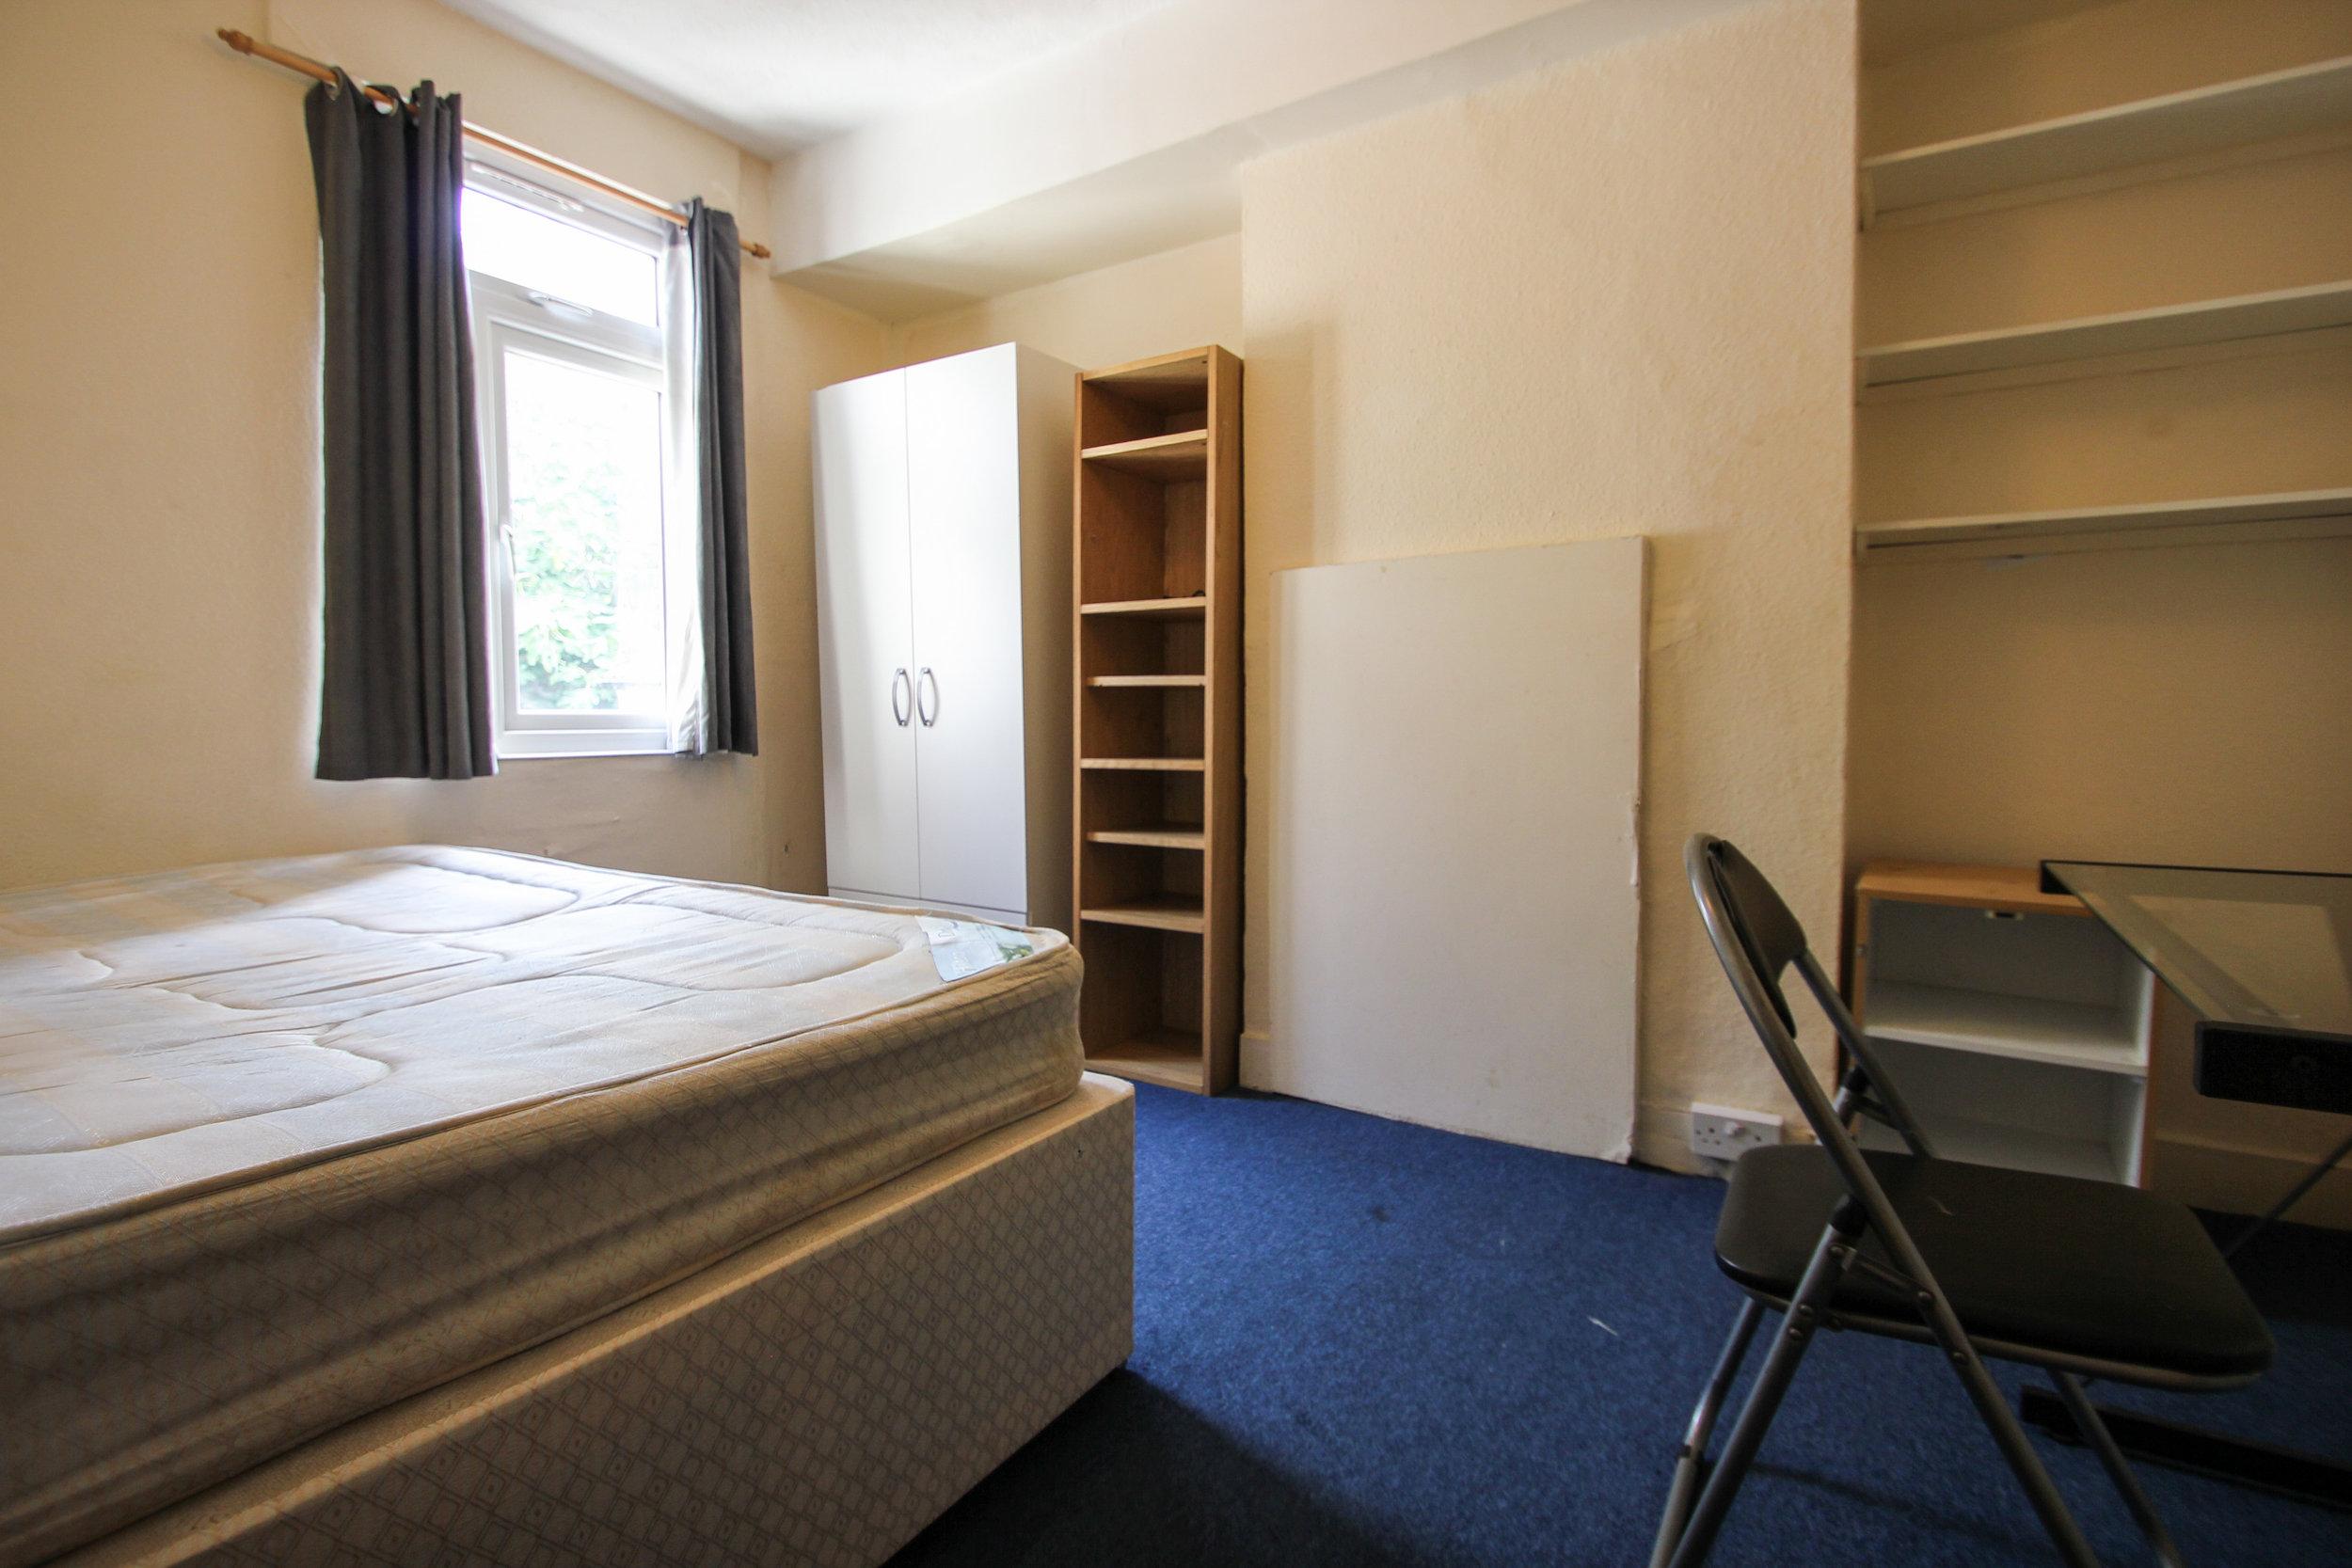 IMG_8101_edited.jpg  bedroom 4.jpg